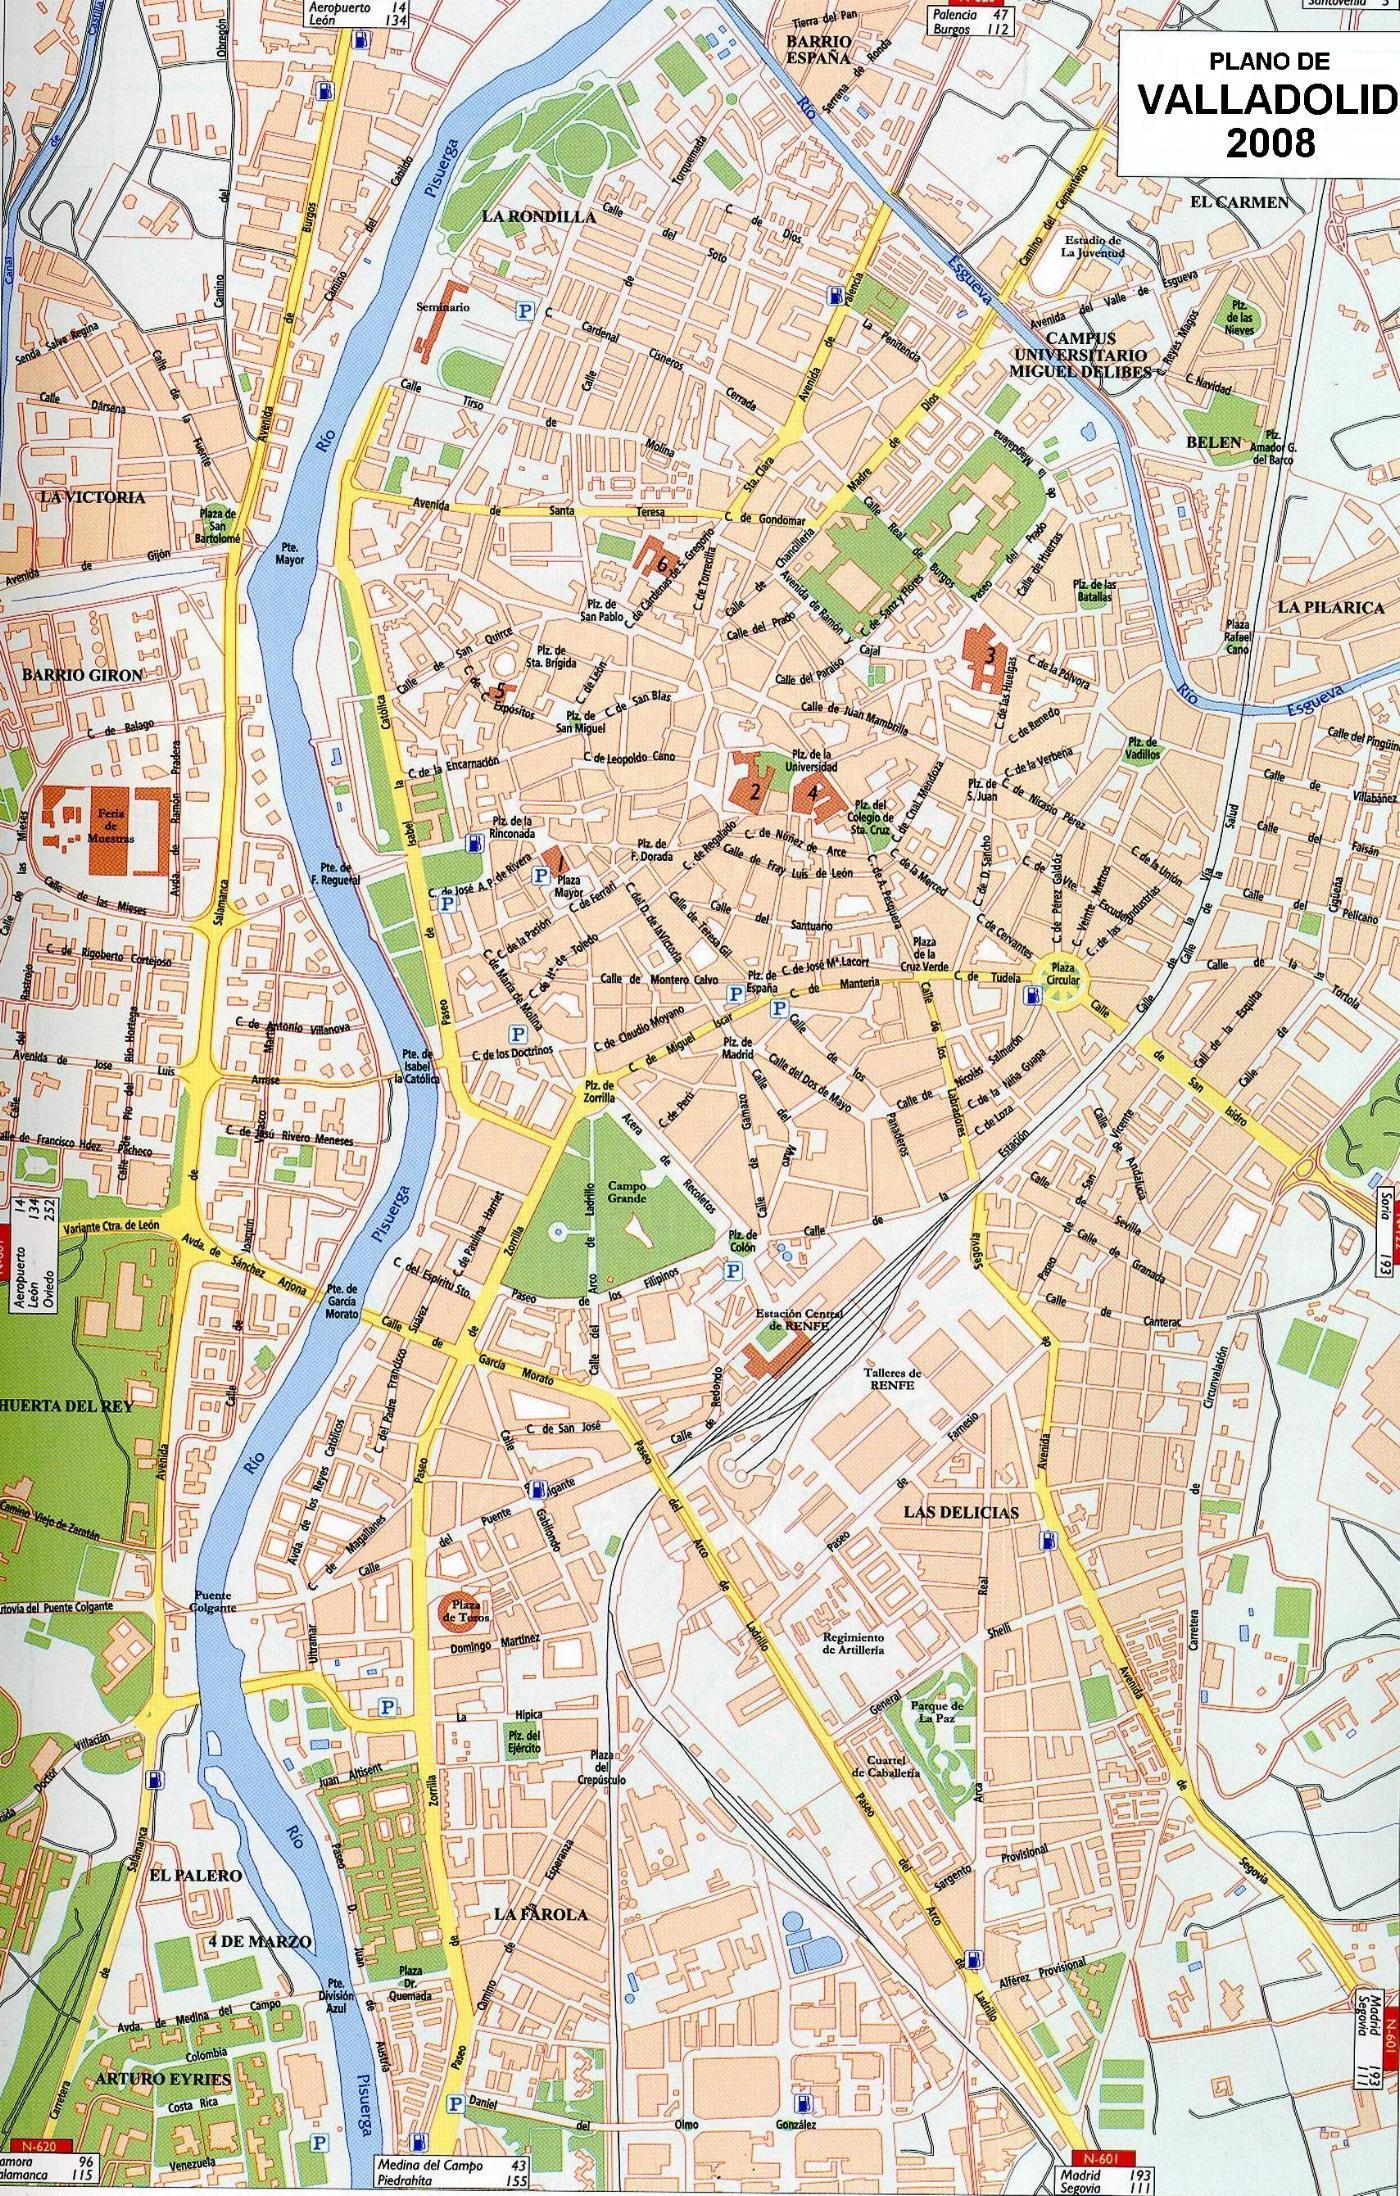 Mapa de Valladolid 2008